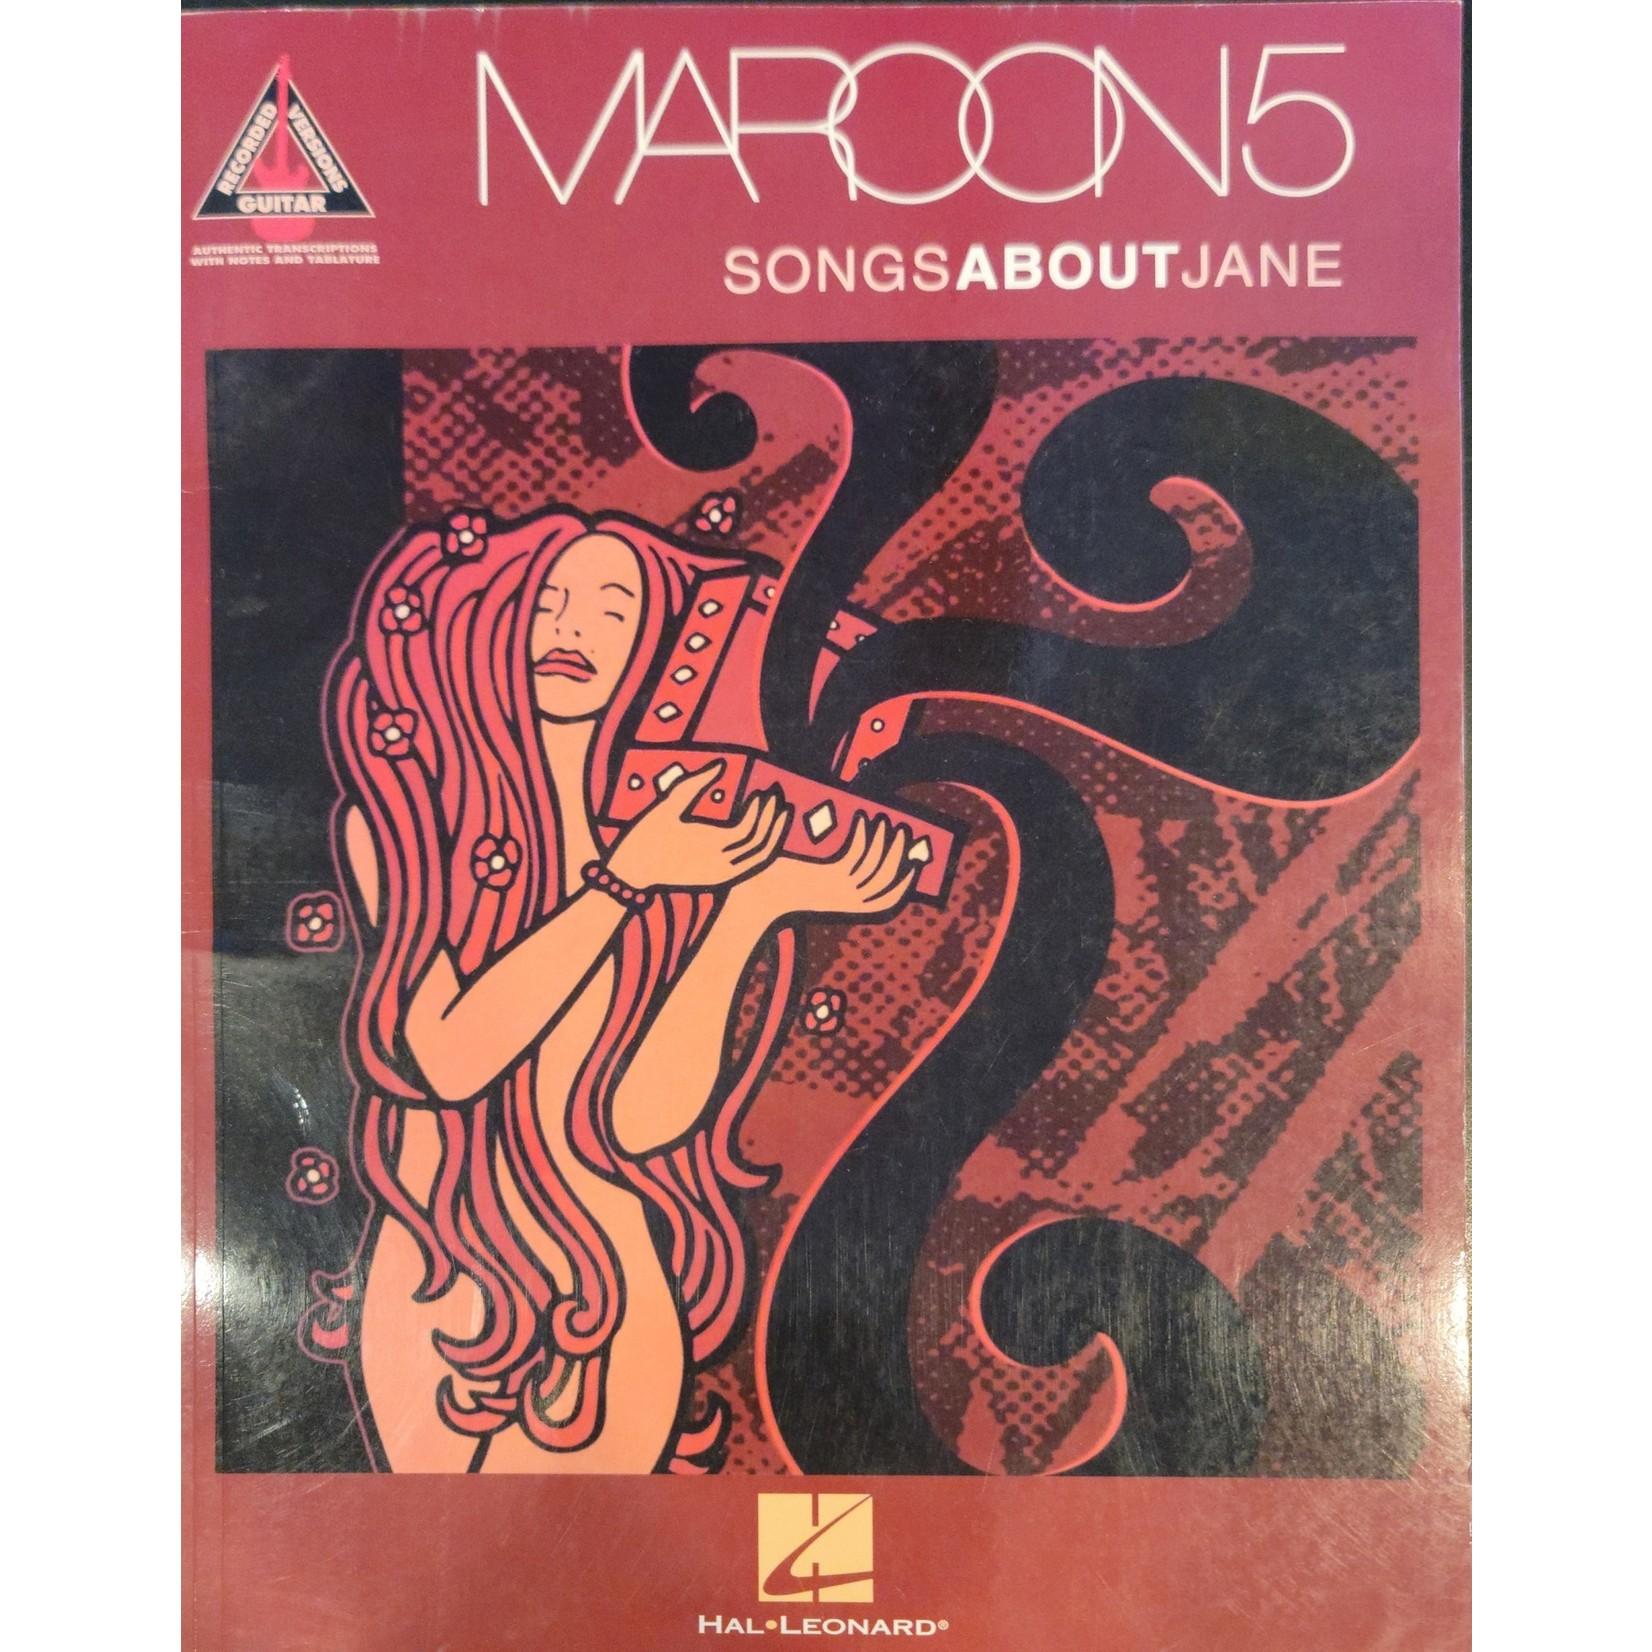 HAL LEONARD LIVRE SONGS ABOUT JANE/ MAROON5